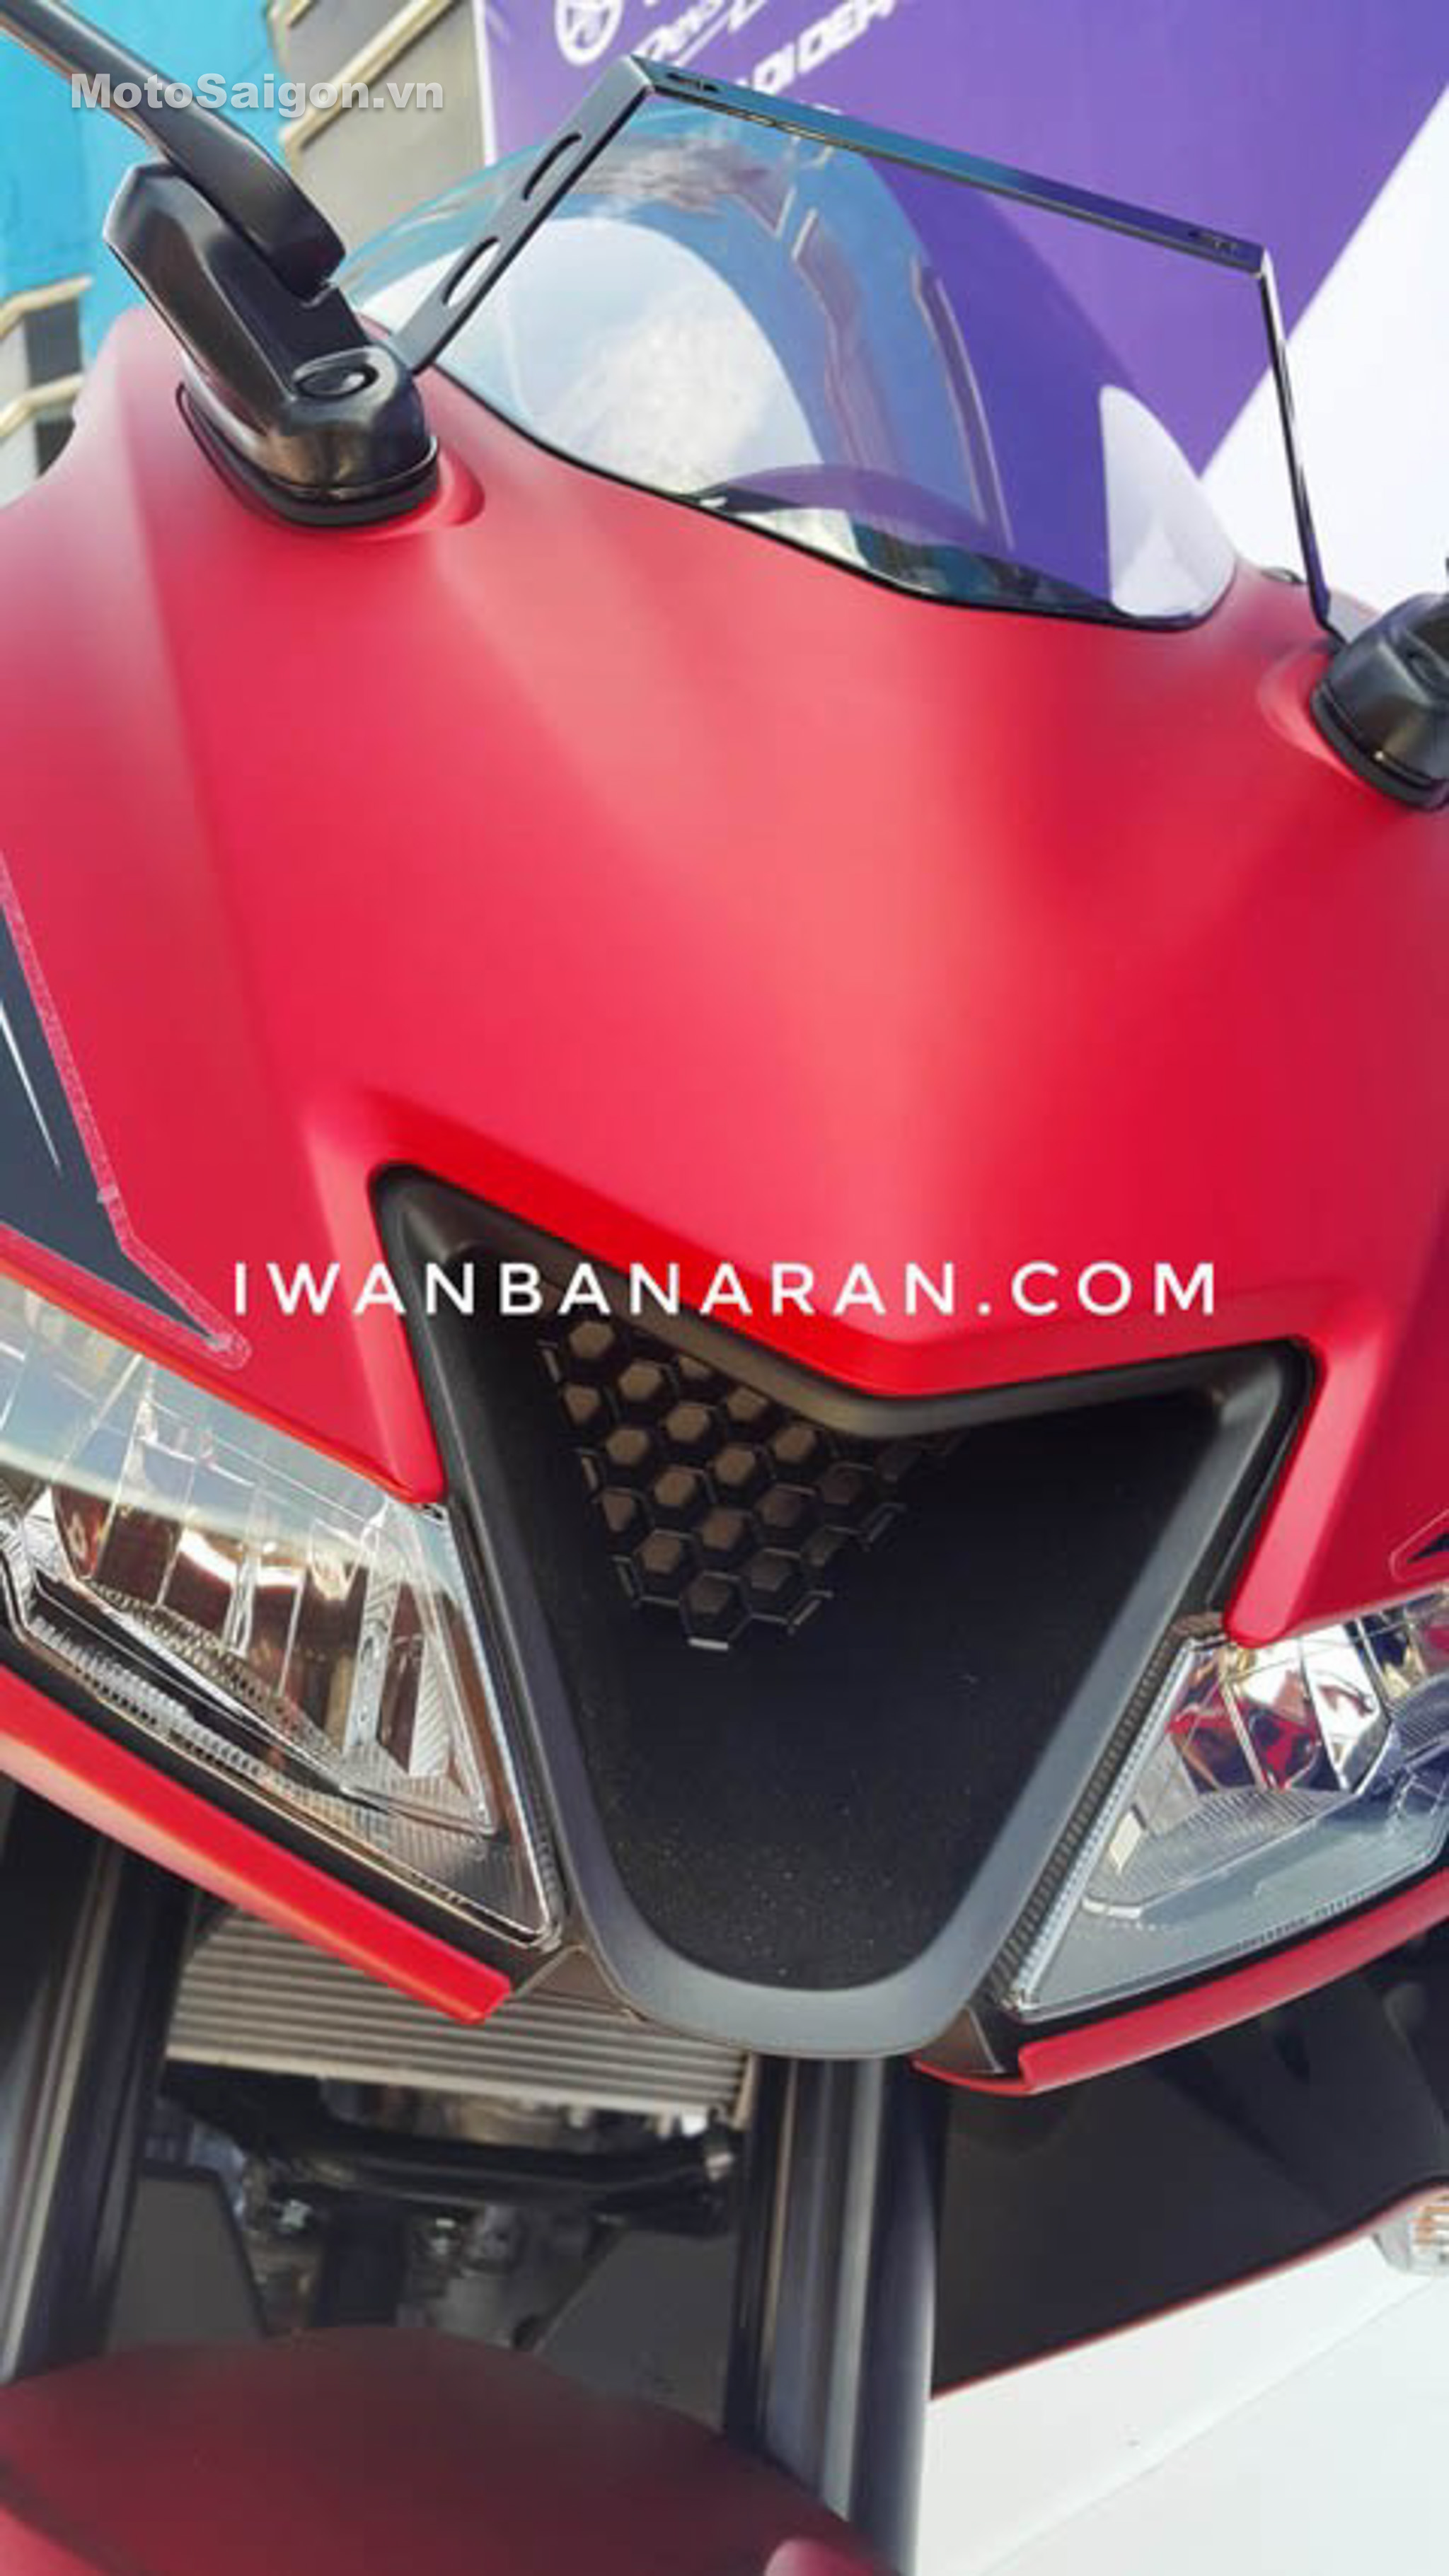 danh-gia-xe-yamaha-r15-v3-2017-hinh-anh-motosaigon-6